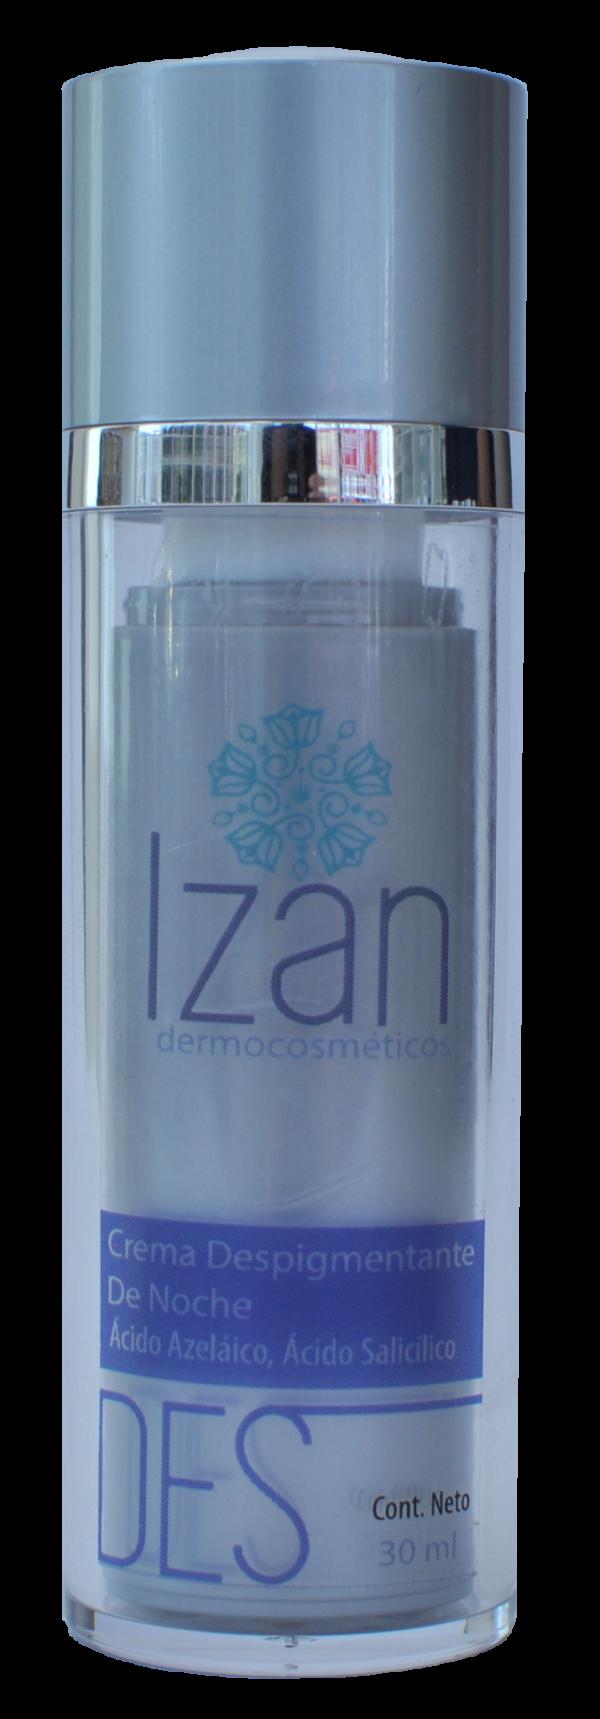 Crema despigmentante de noche IZAN Dermocosméticos productos